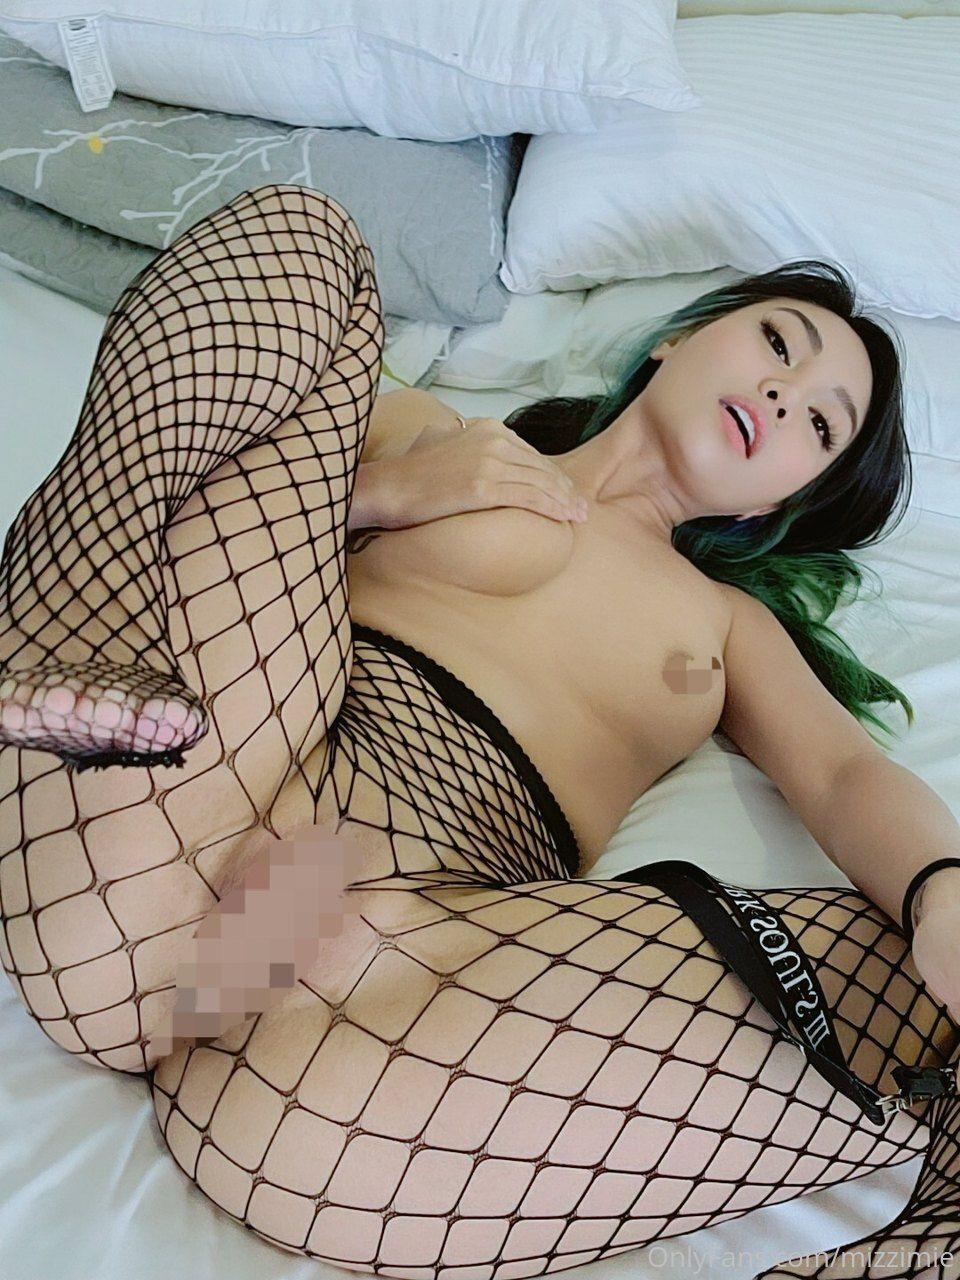 Mizzi Mie Nude Photos 0007